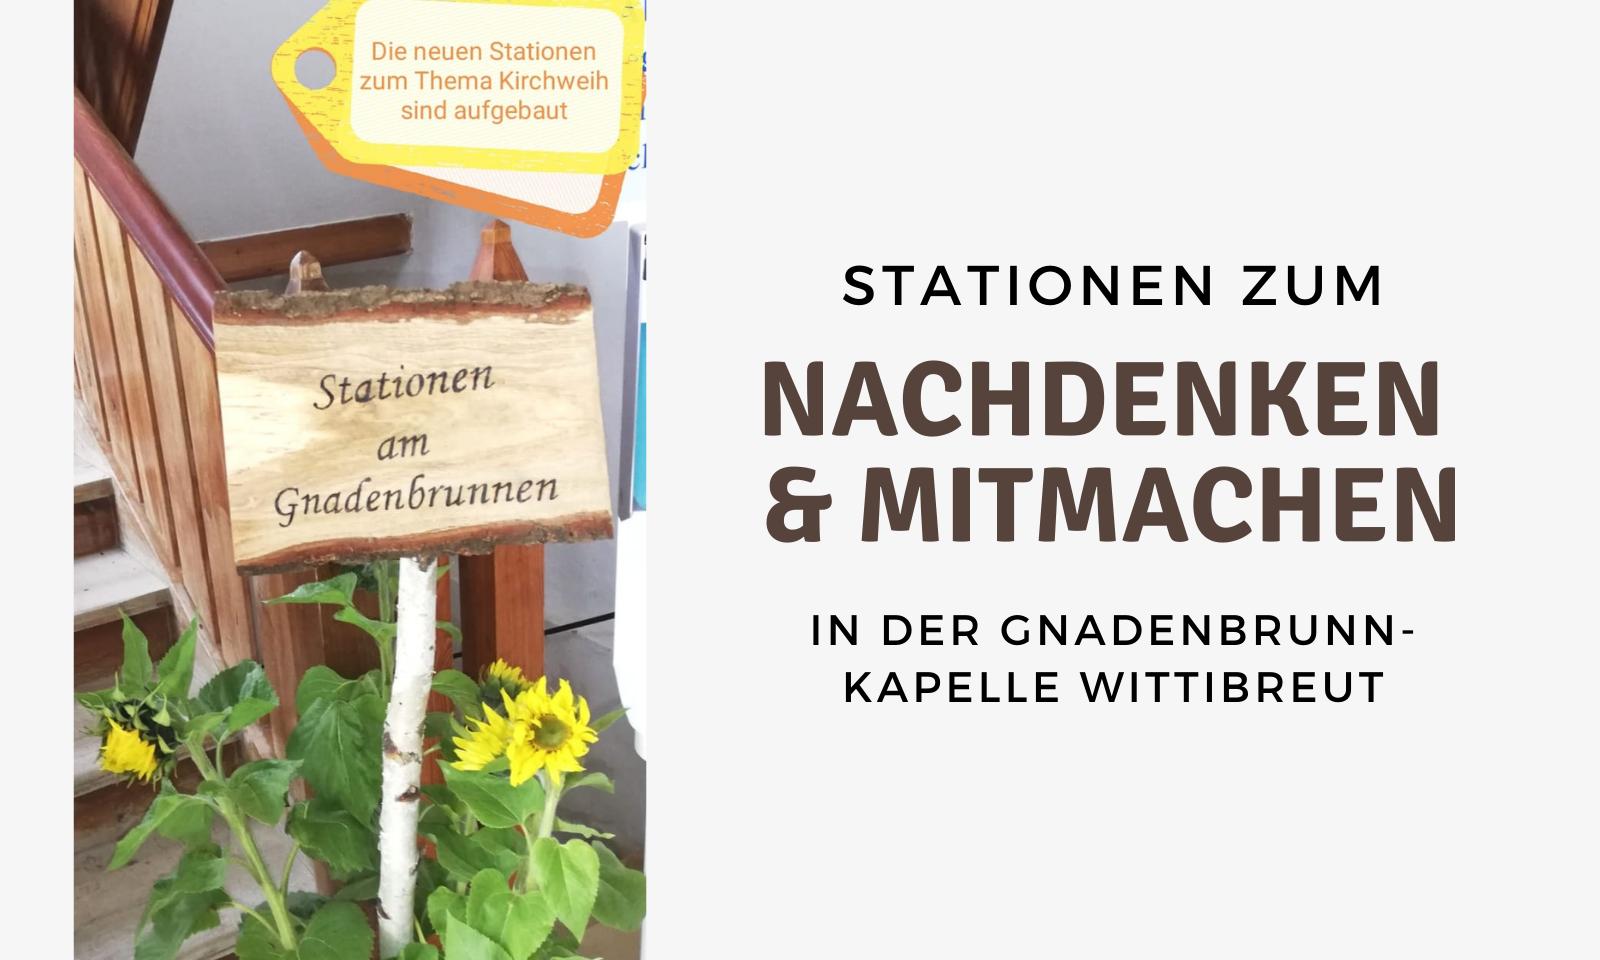 2020 10 17 Wittibreut Gnadenbrunnen Entry Image